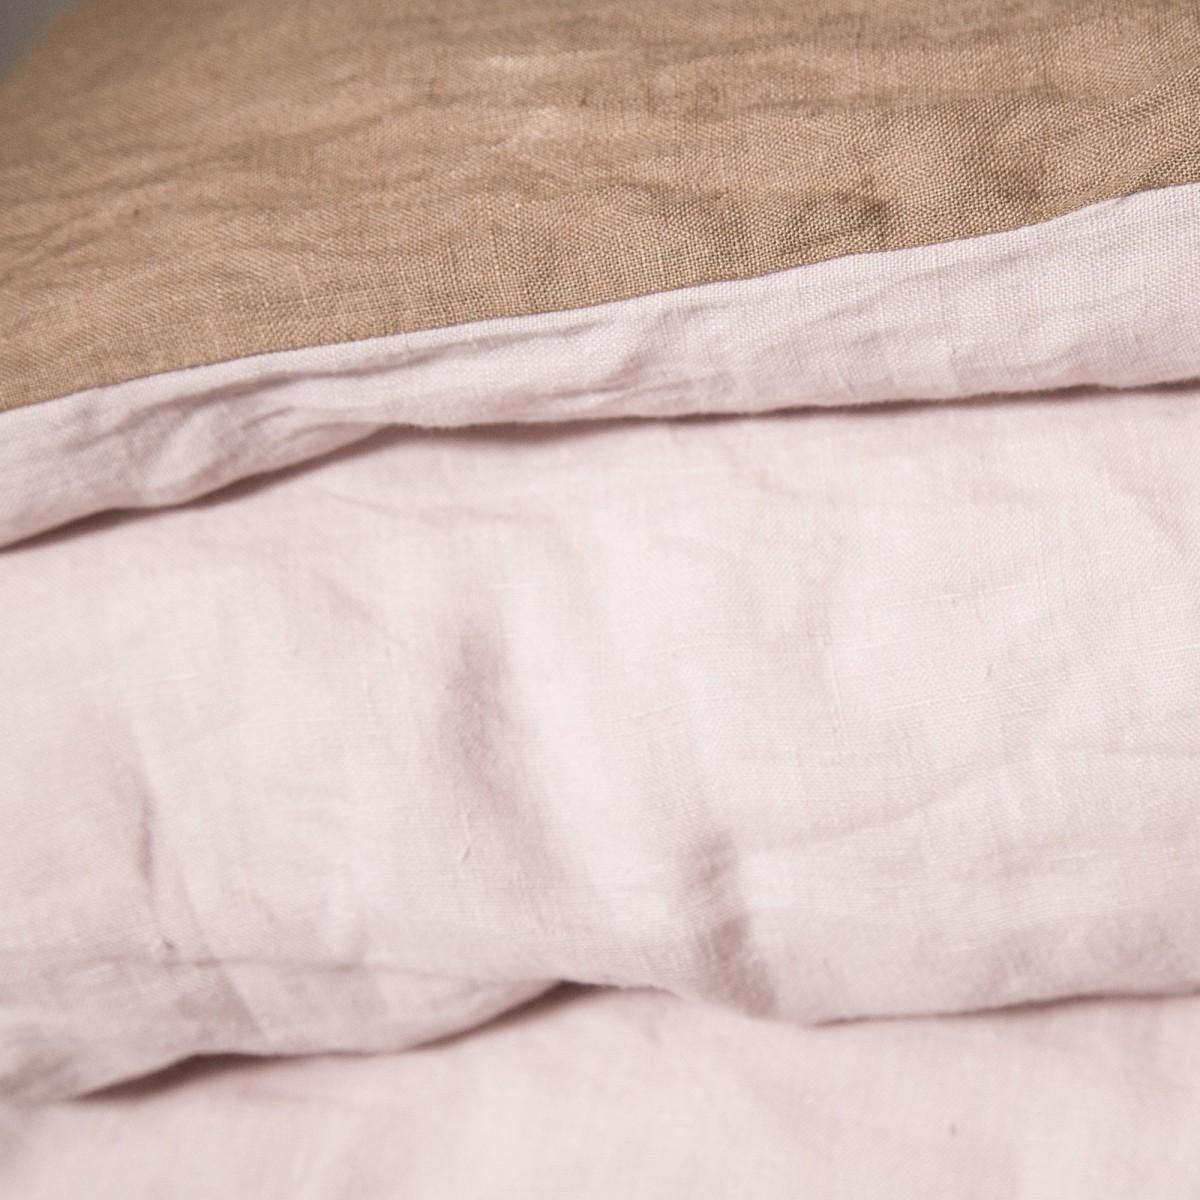 Housse de couette en lin lav rose drag e camel tabac for Housse couette en lin